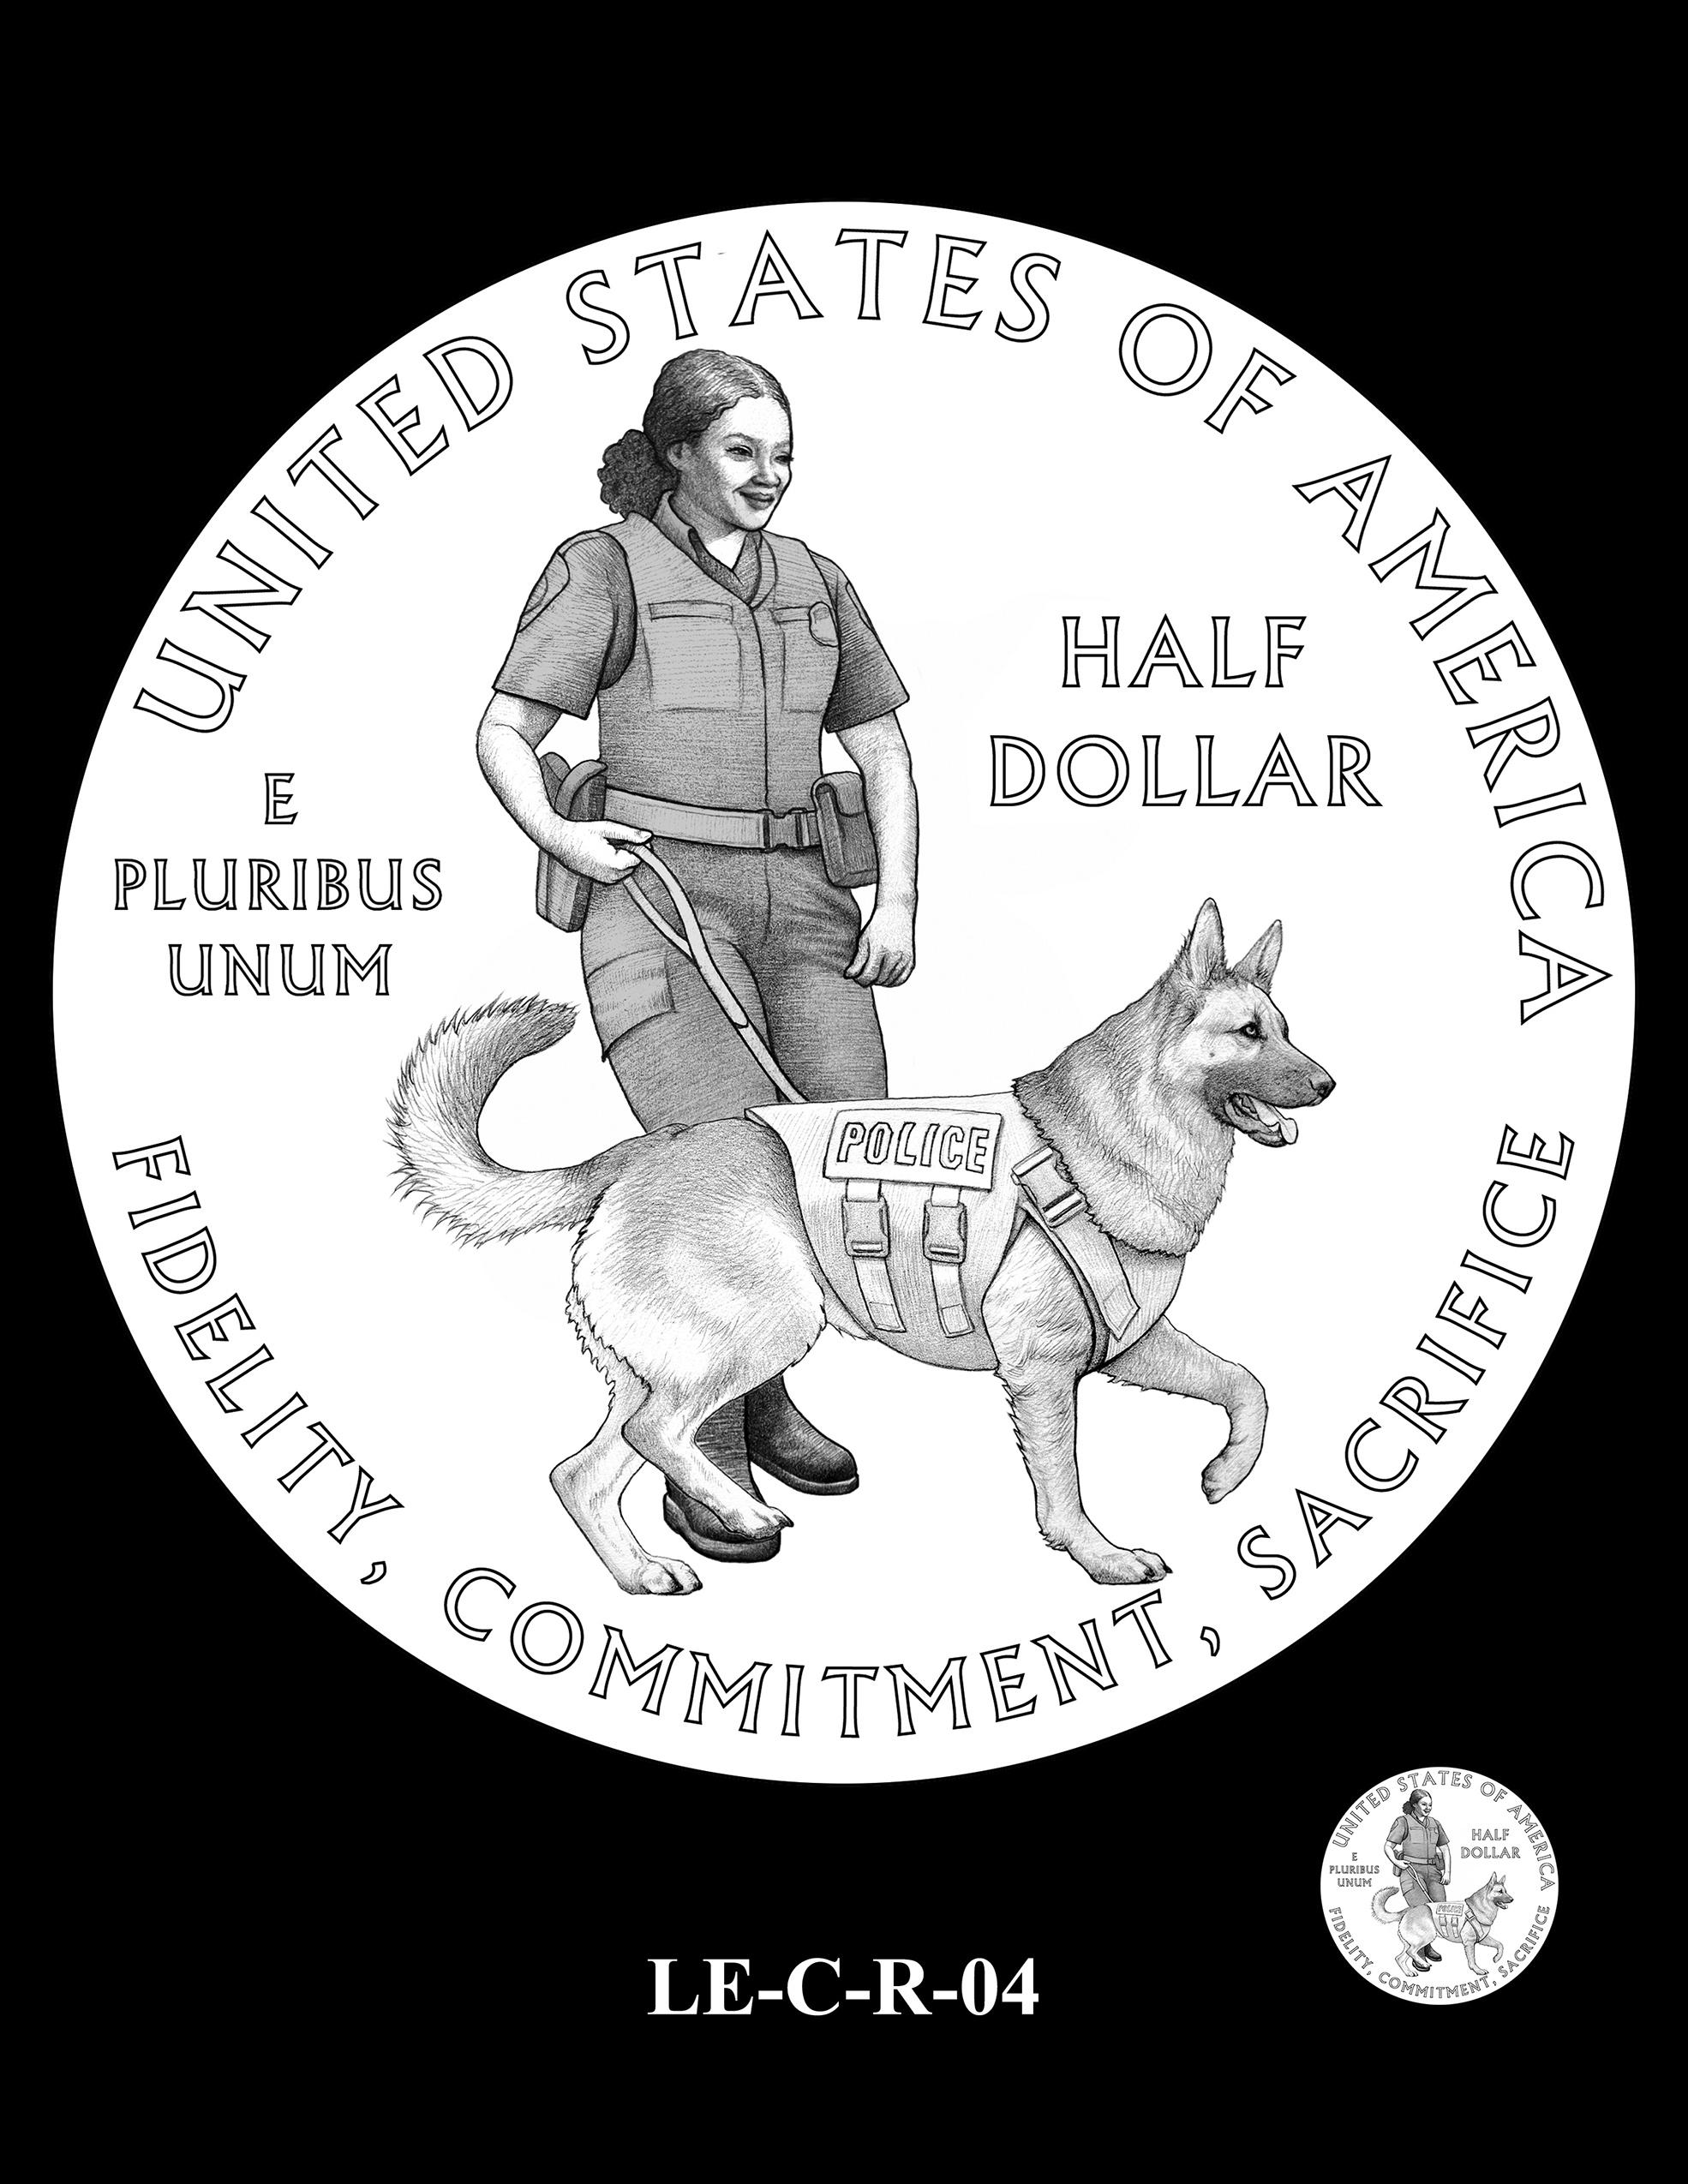 LE-C-R-04 -- National Law Enforcement Museum Commemorative Coin Program